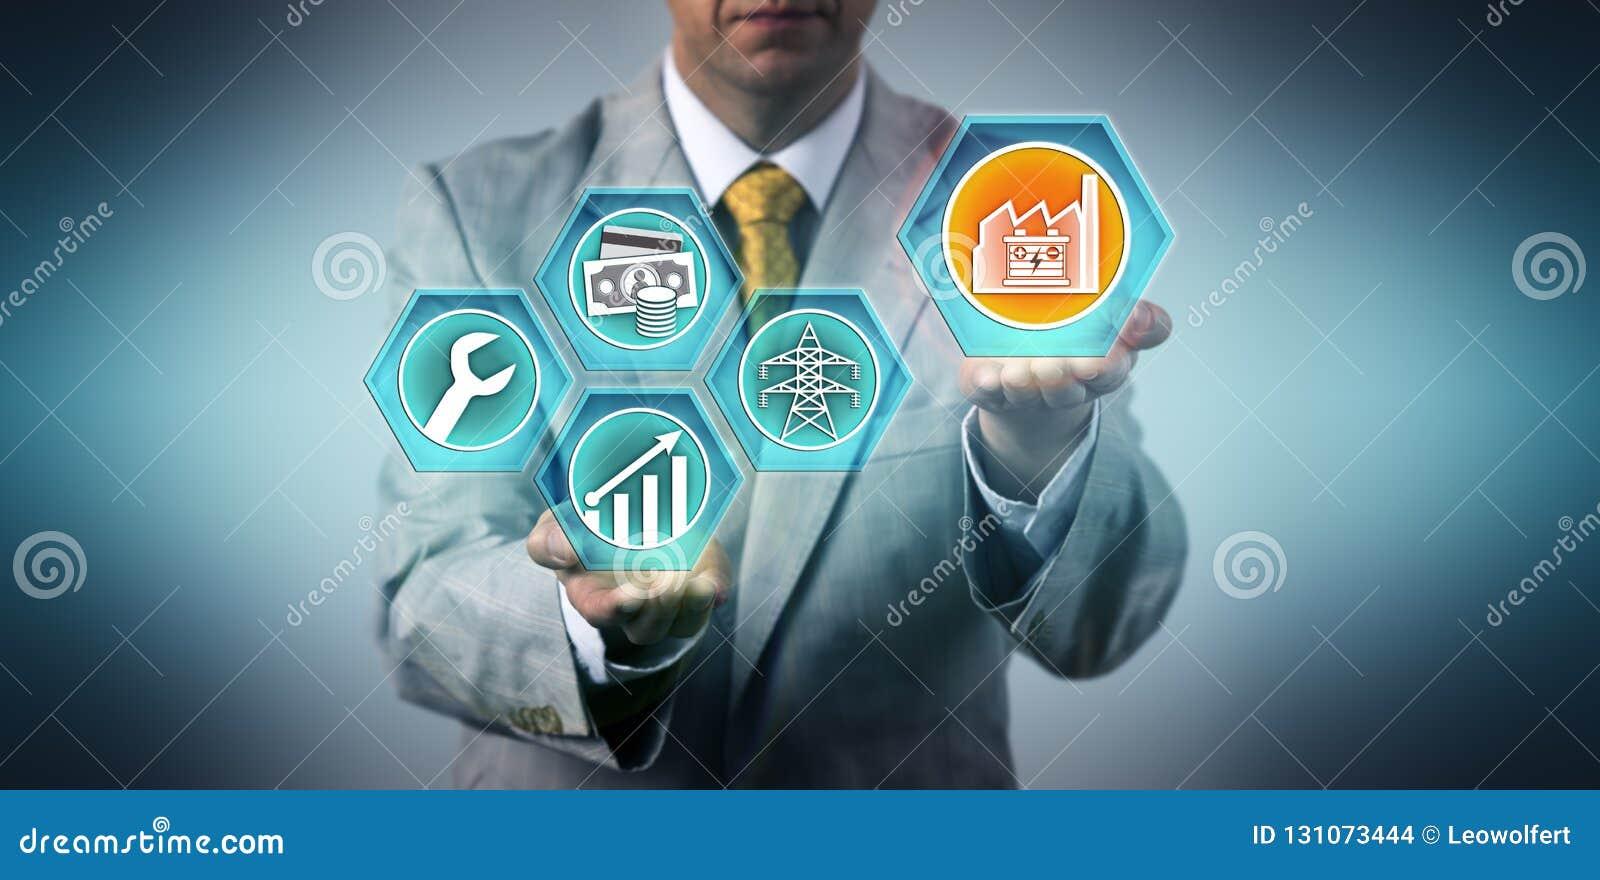 Investisseur industriel projetant la croissance pour ESaaS